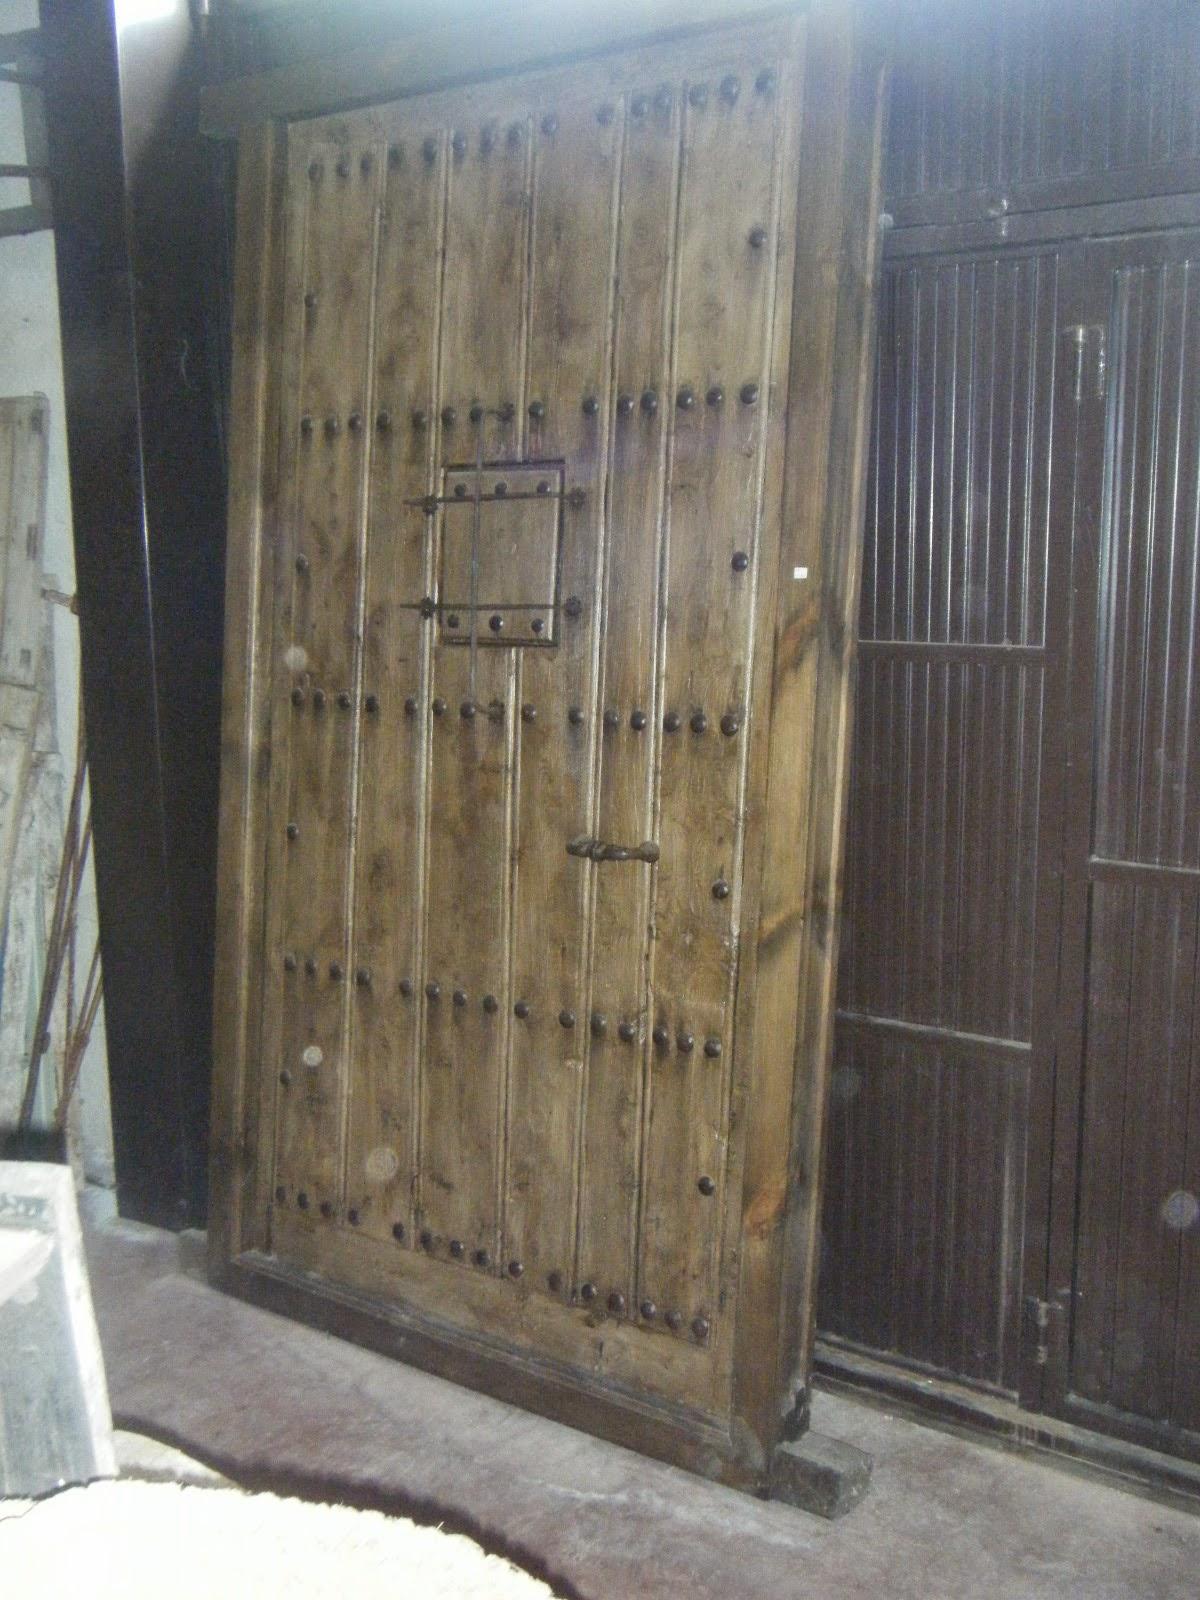 Antig edades almagro puertas ventanucos herrajes for Remate de puertas de madera